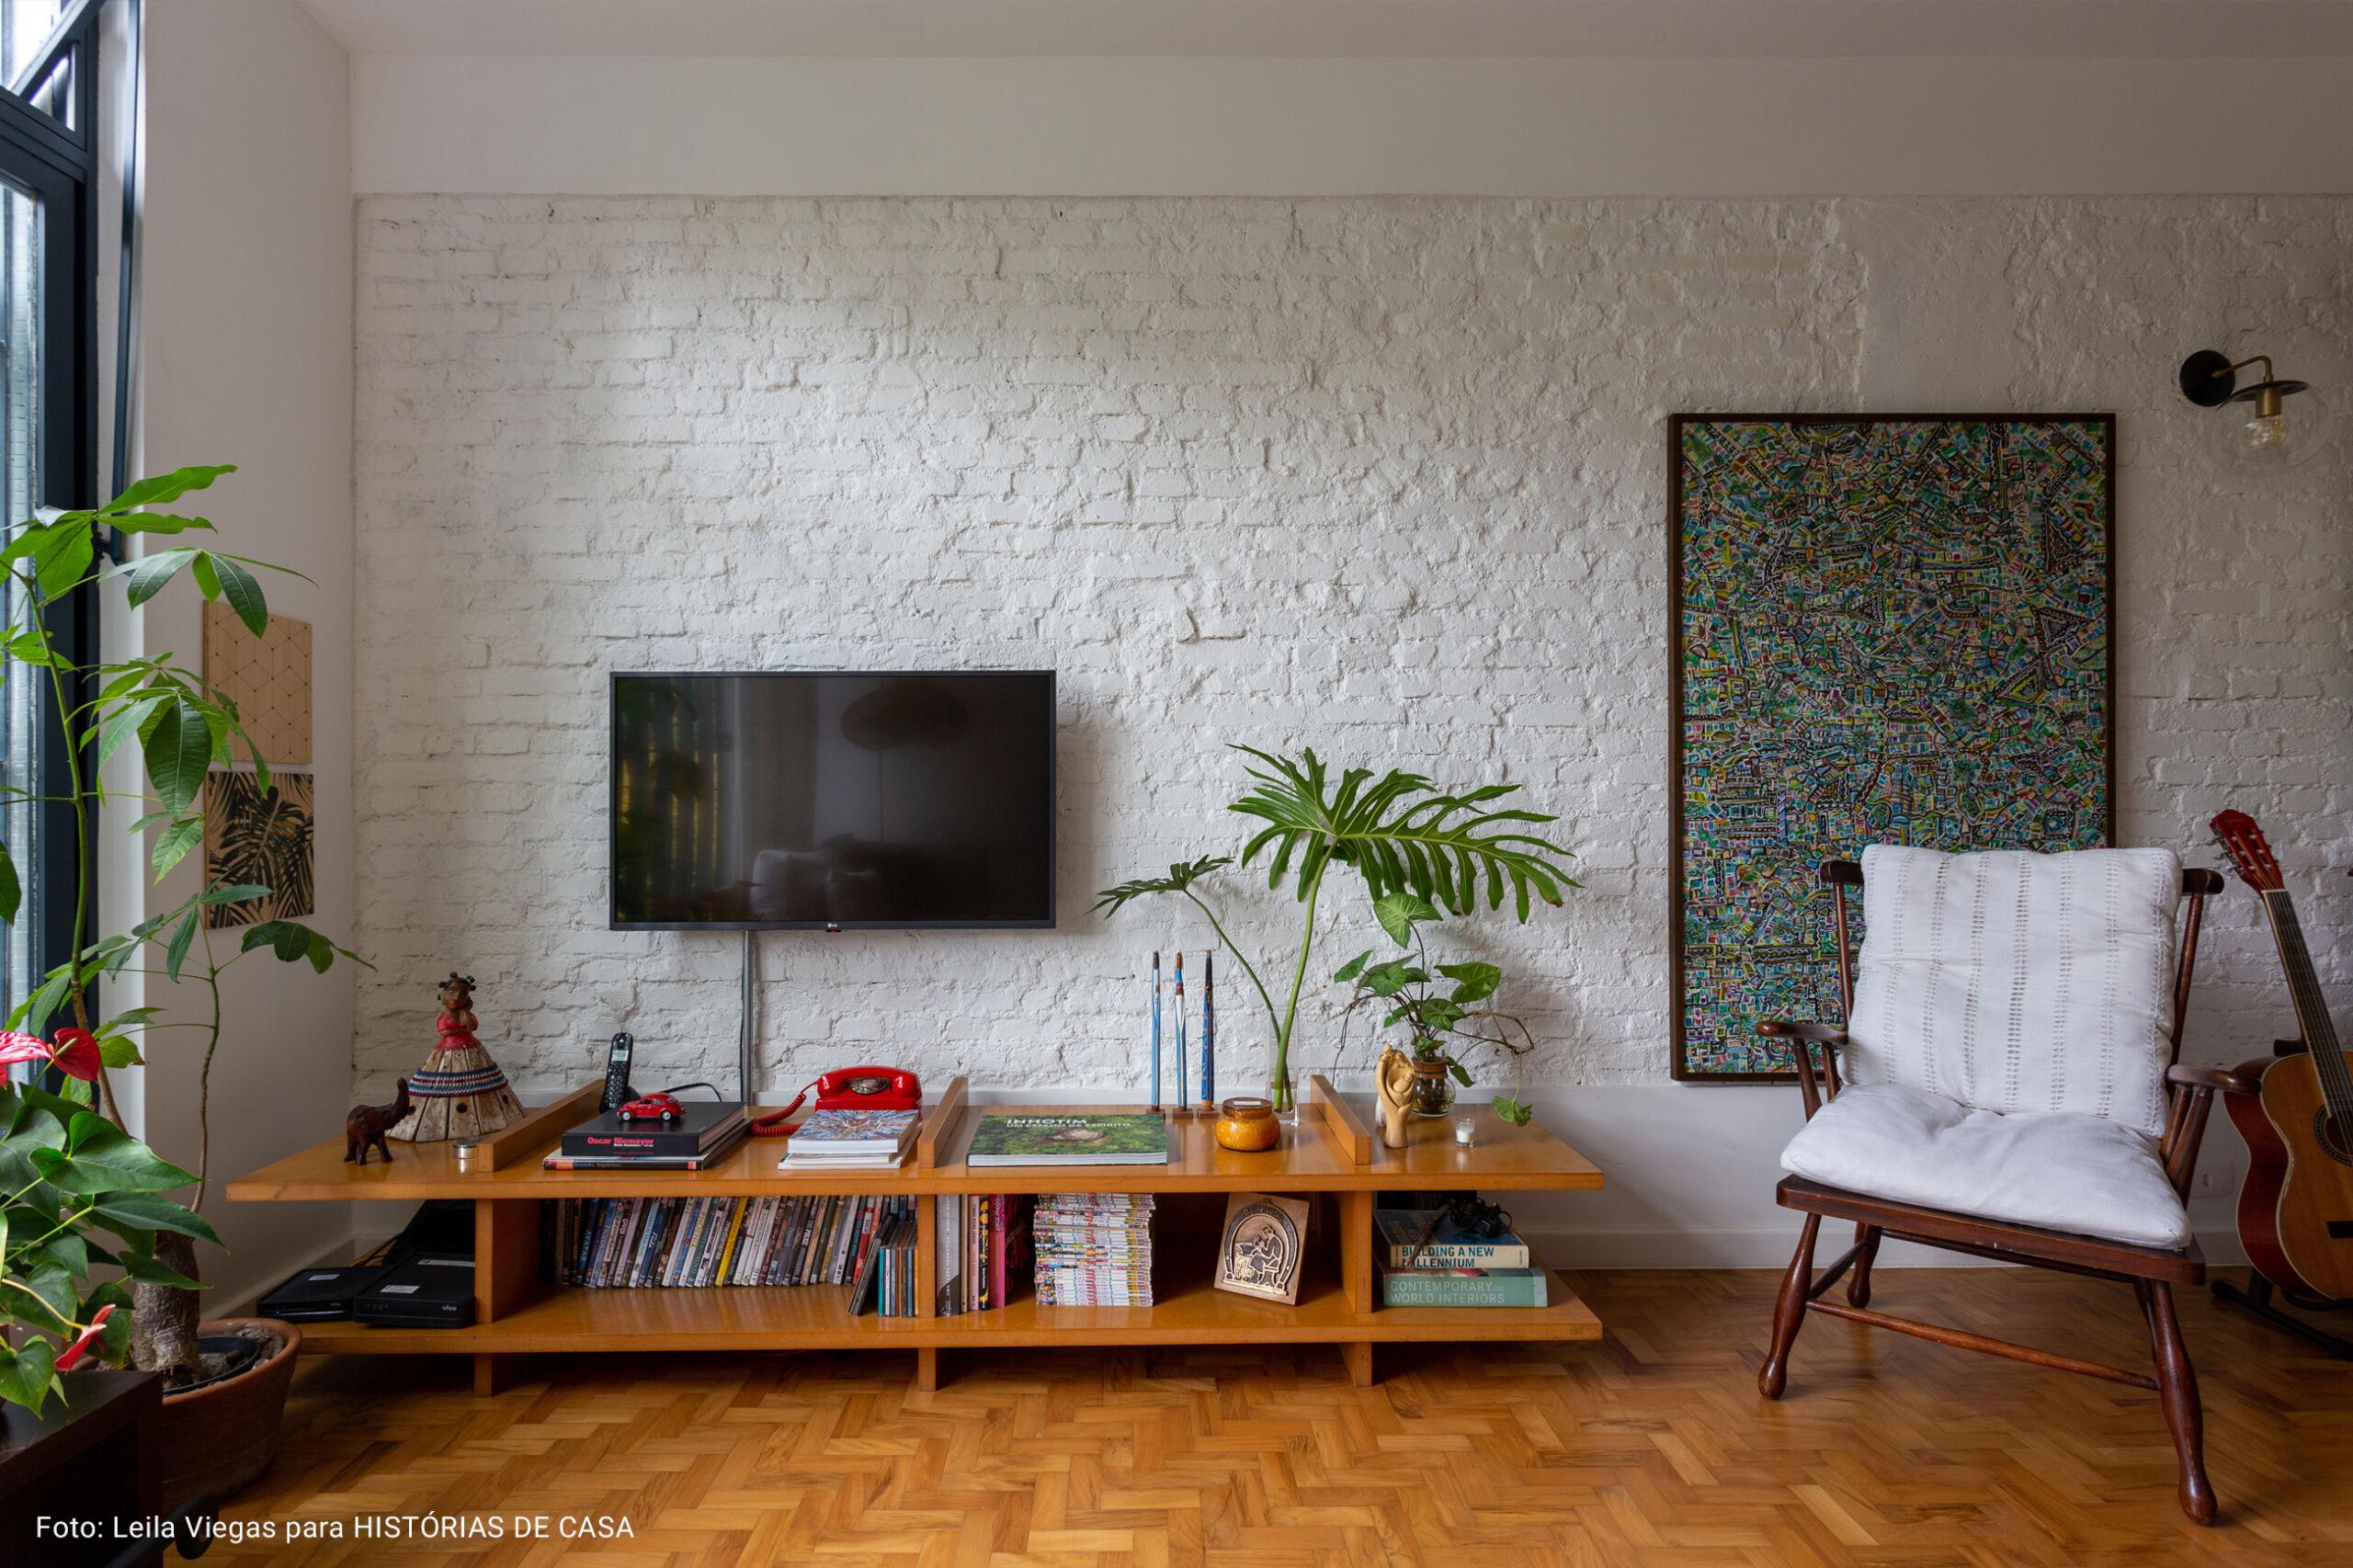 sala de televisão com poltrona branca